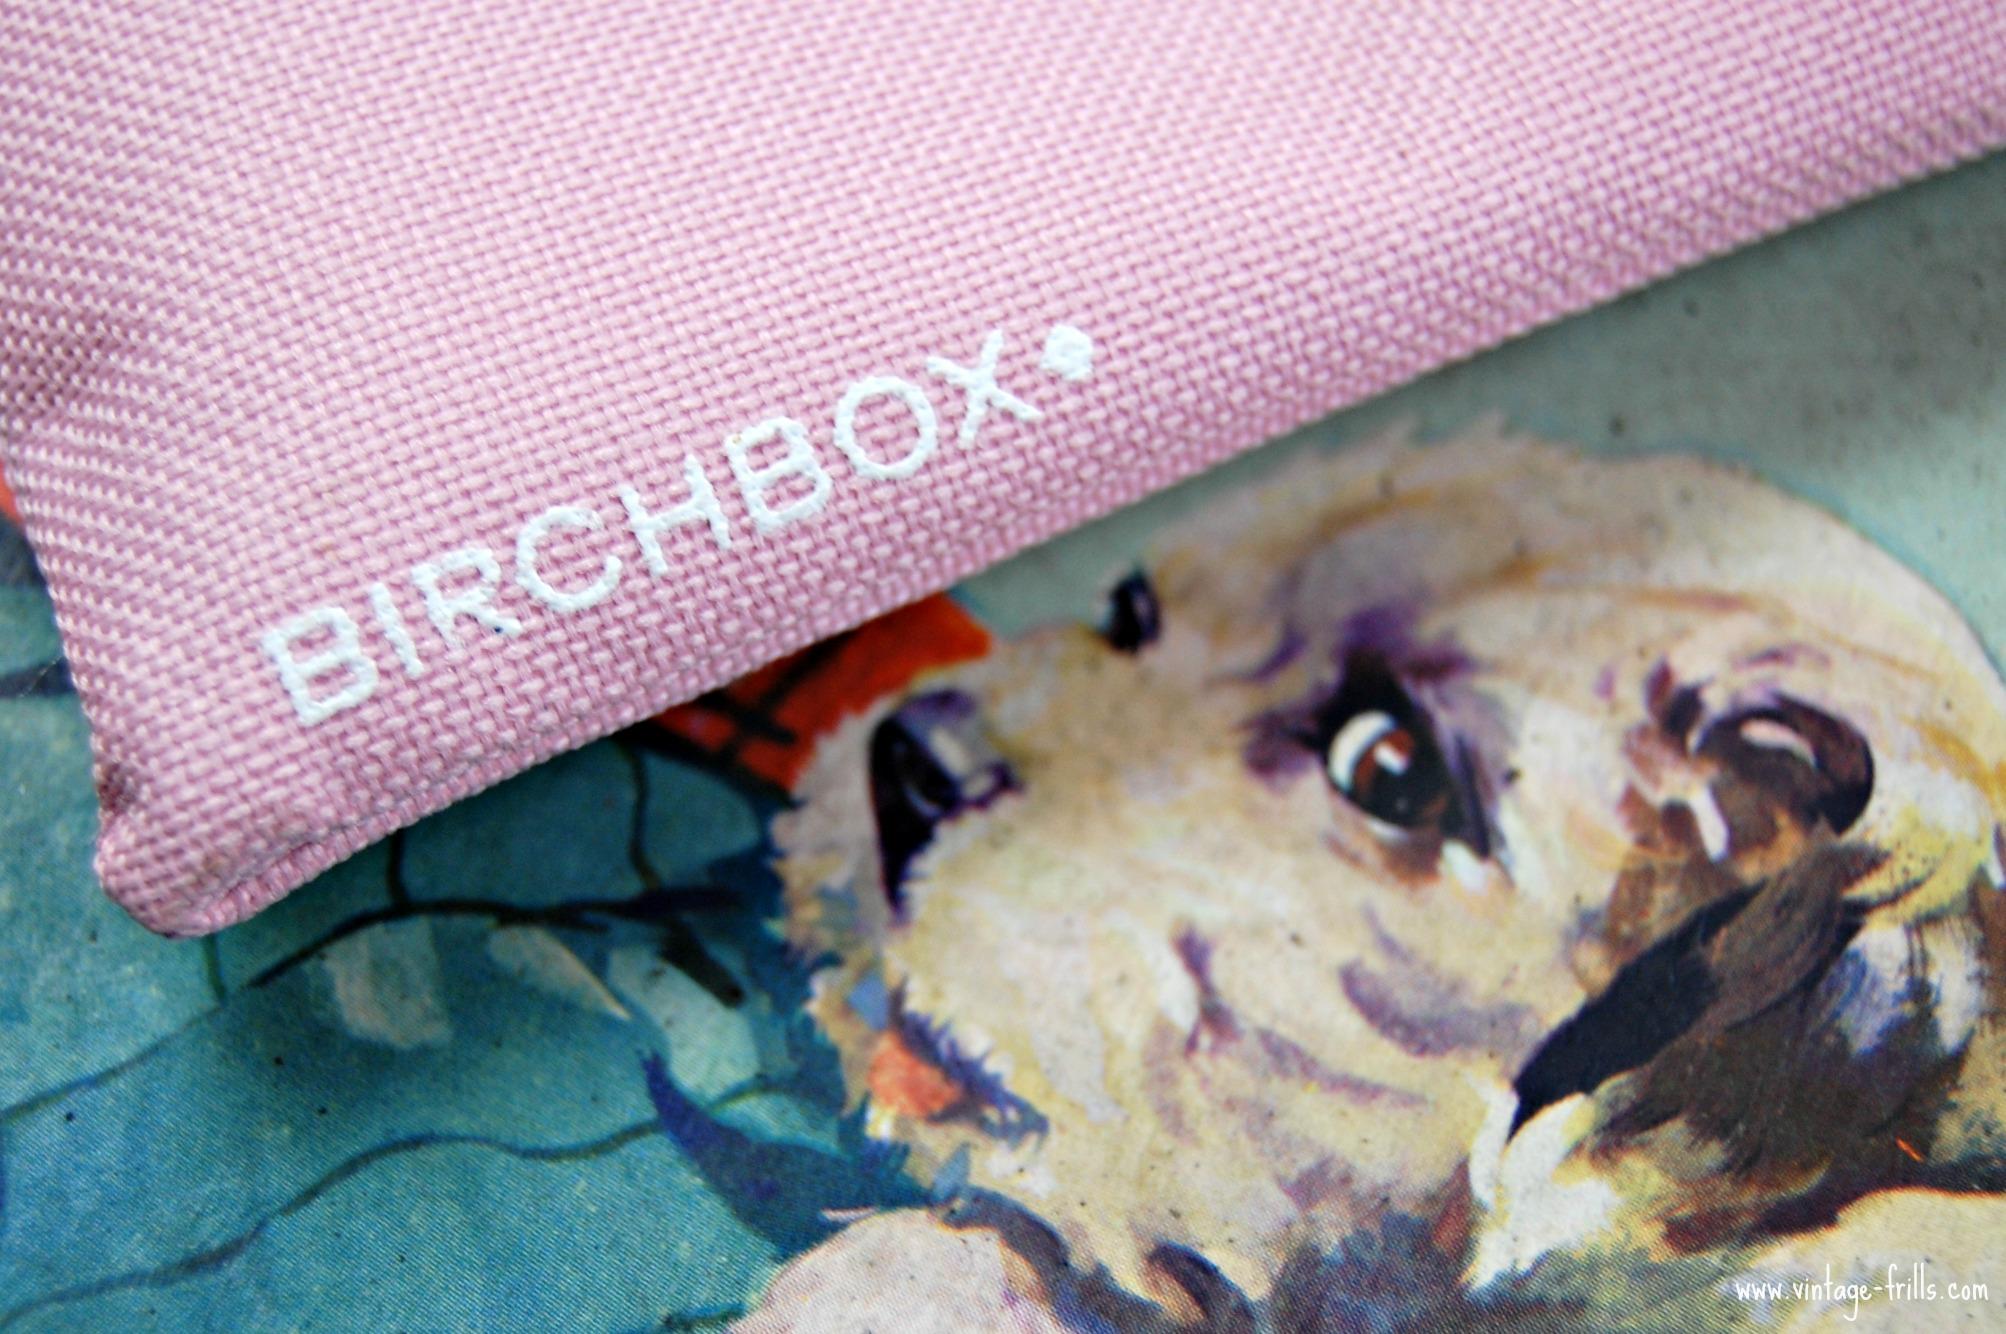 Oct Bichbox 9